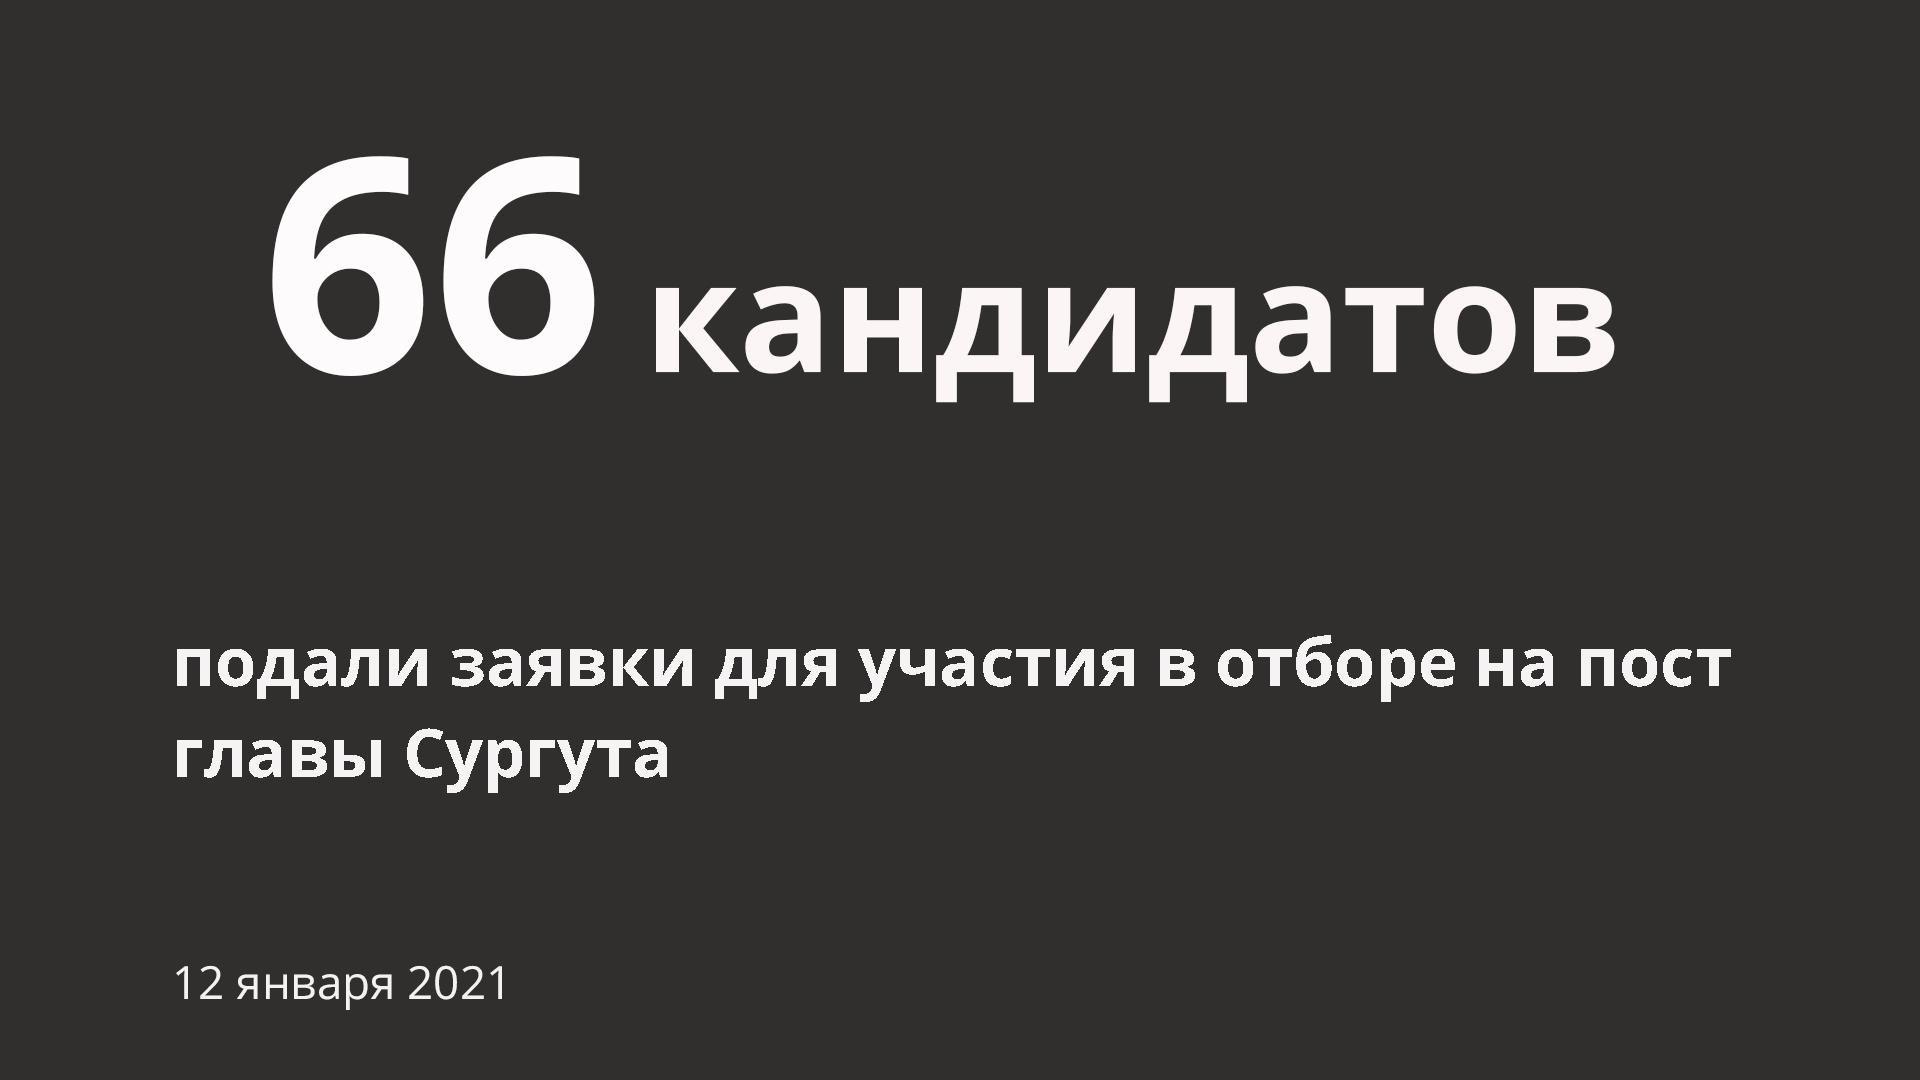 За пост главы Сургута решили побороться 66 человек